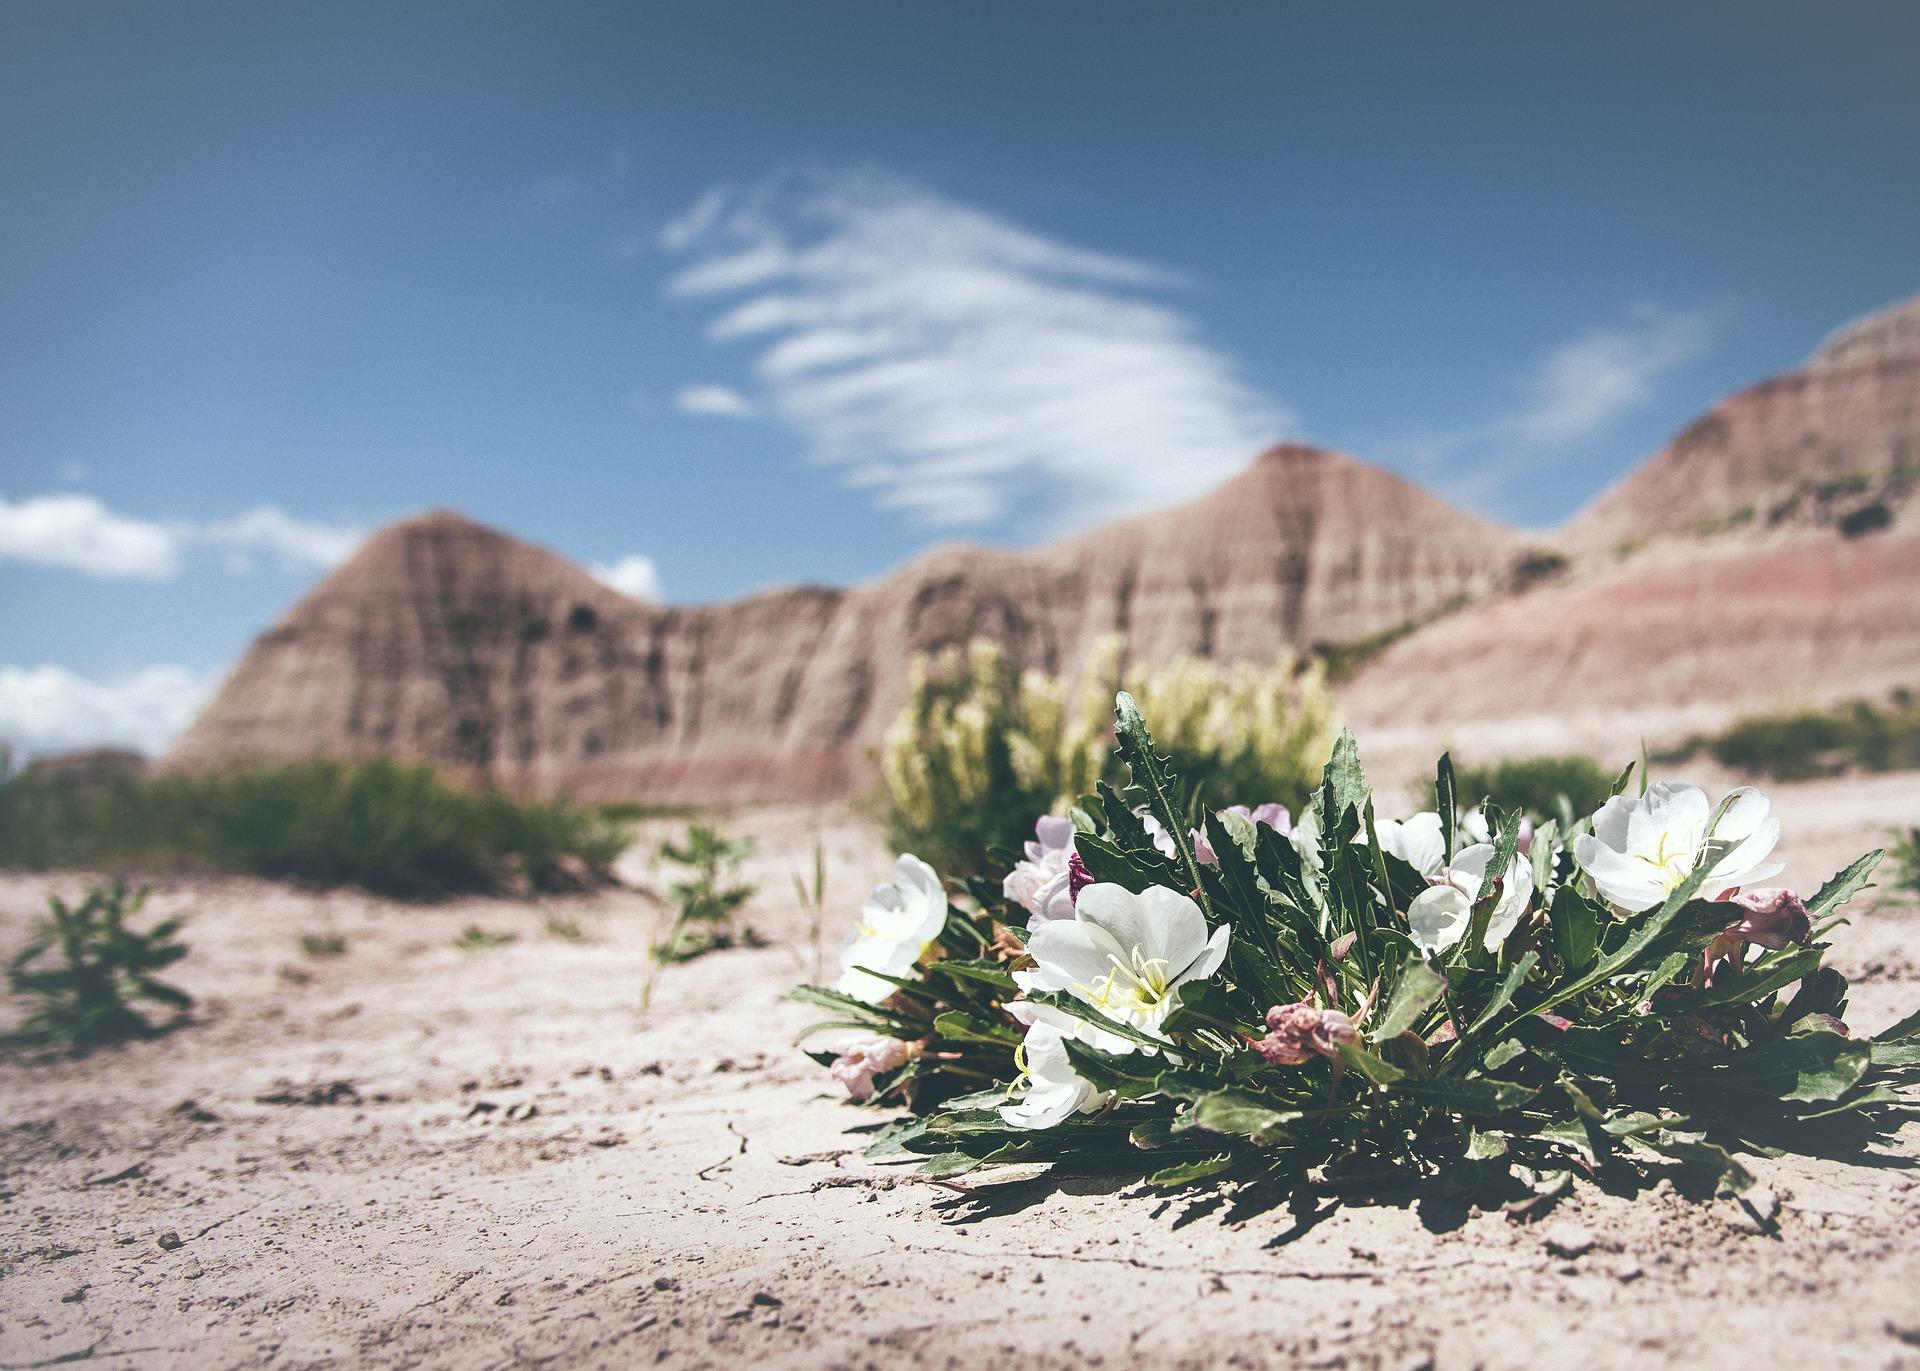 the desert flower - gratitude for salvation.jpg